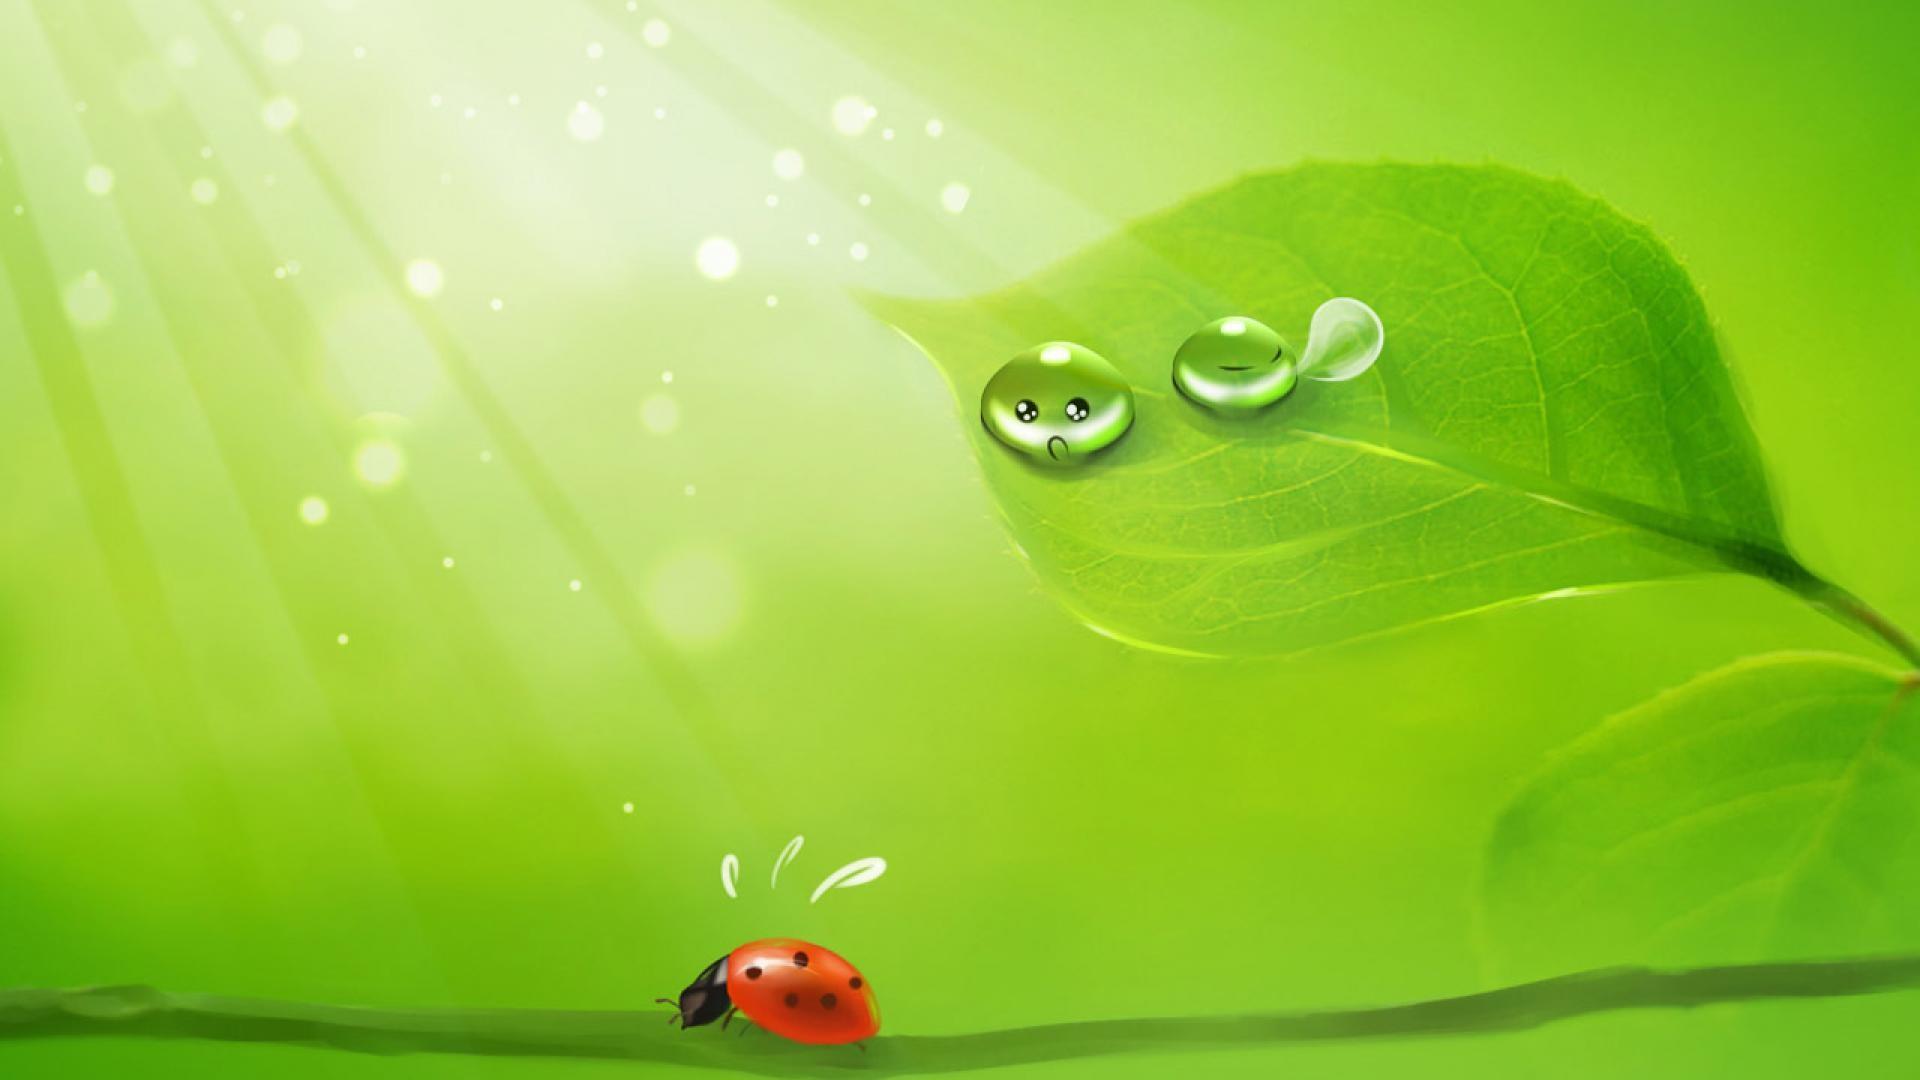 Green Background HD desktop wallpaper : High Definition 1920×1080 Green Hd  Wallpaper (36 Wallpapers)   Adorable Wallpapers   Desktop   Pinterest    Green …